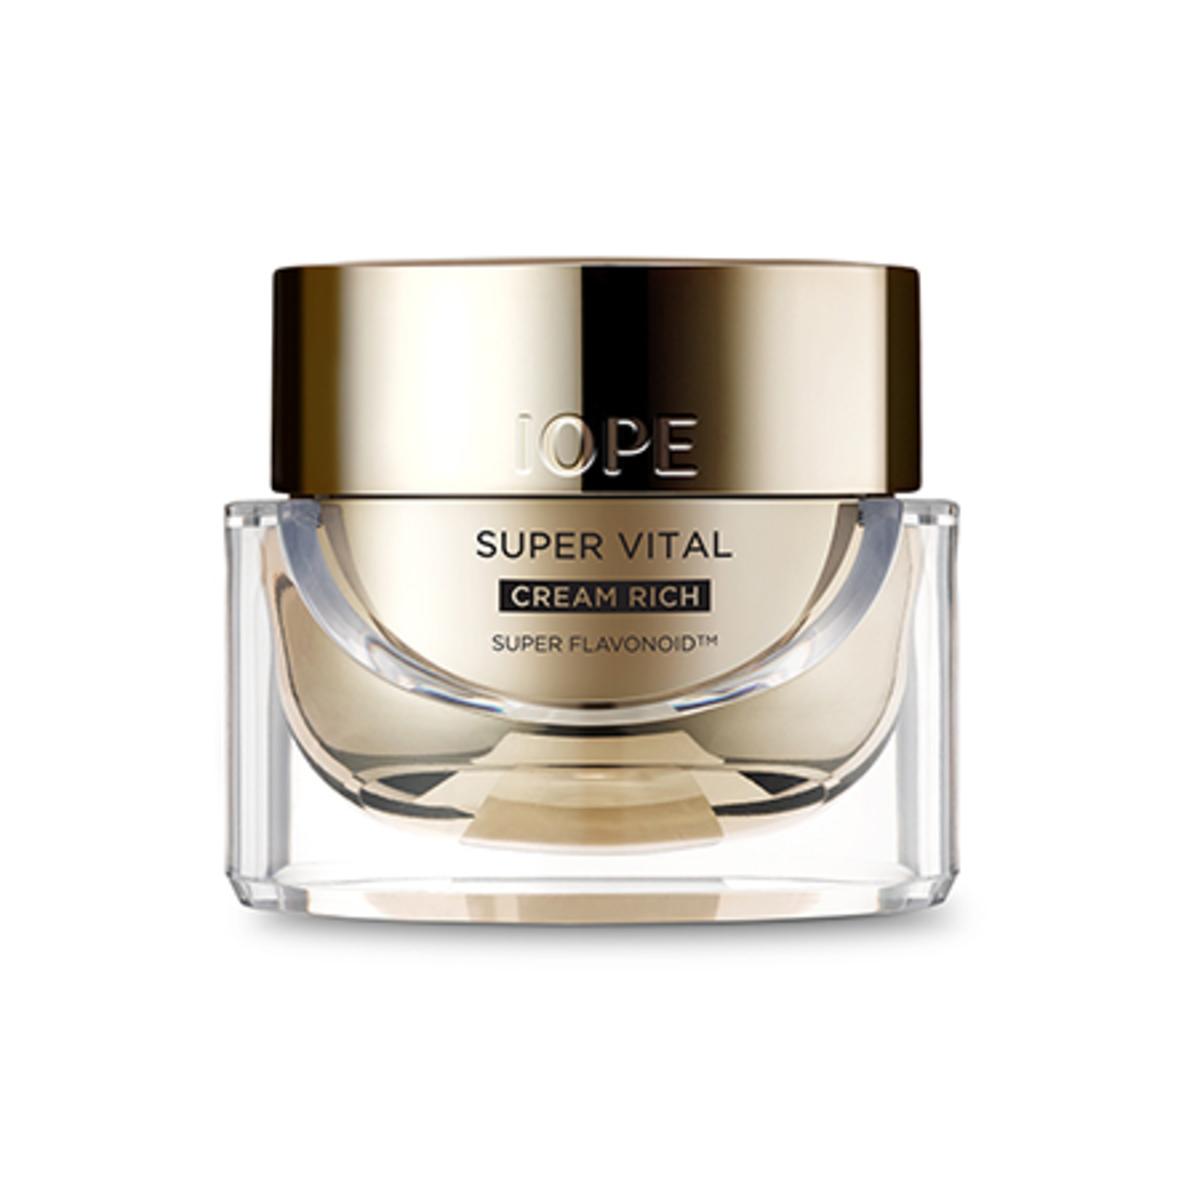 Super Vital Cream Rich-Korea Direct Shipping